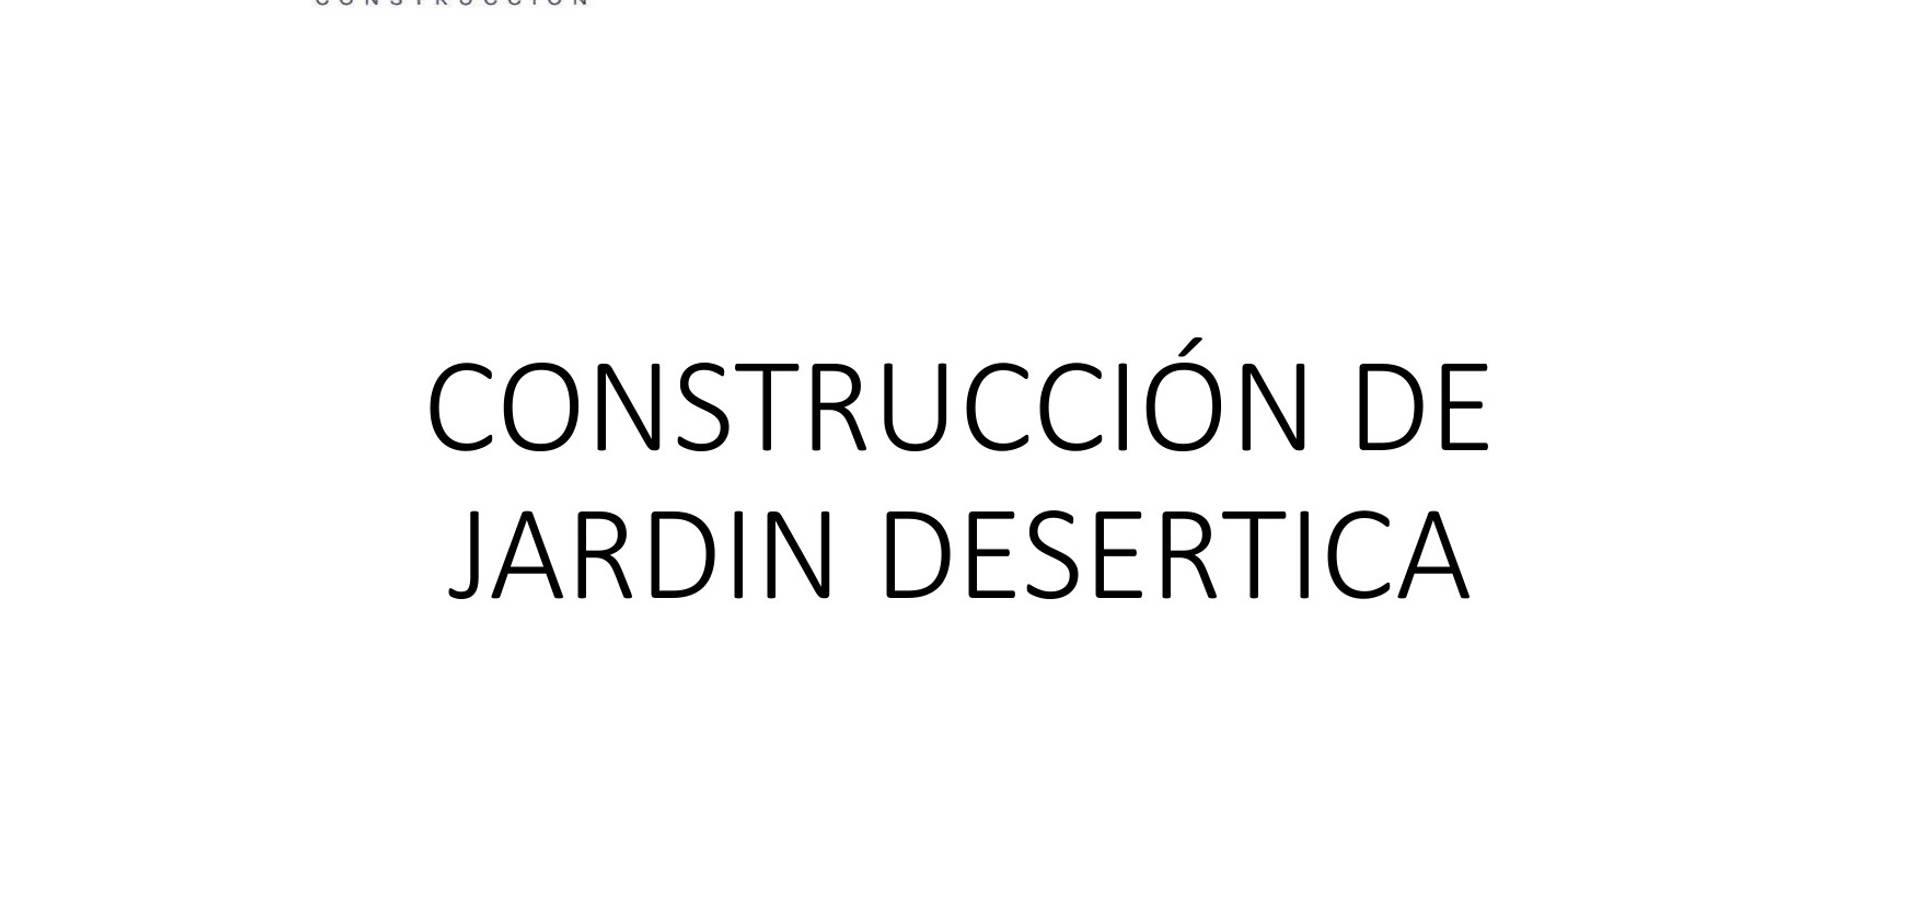 GRUPO KAIZEMCAMP SA DE CV